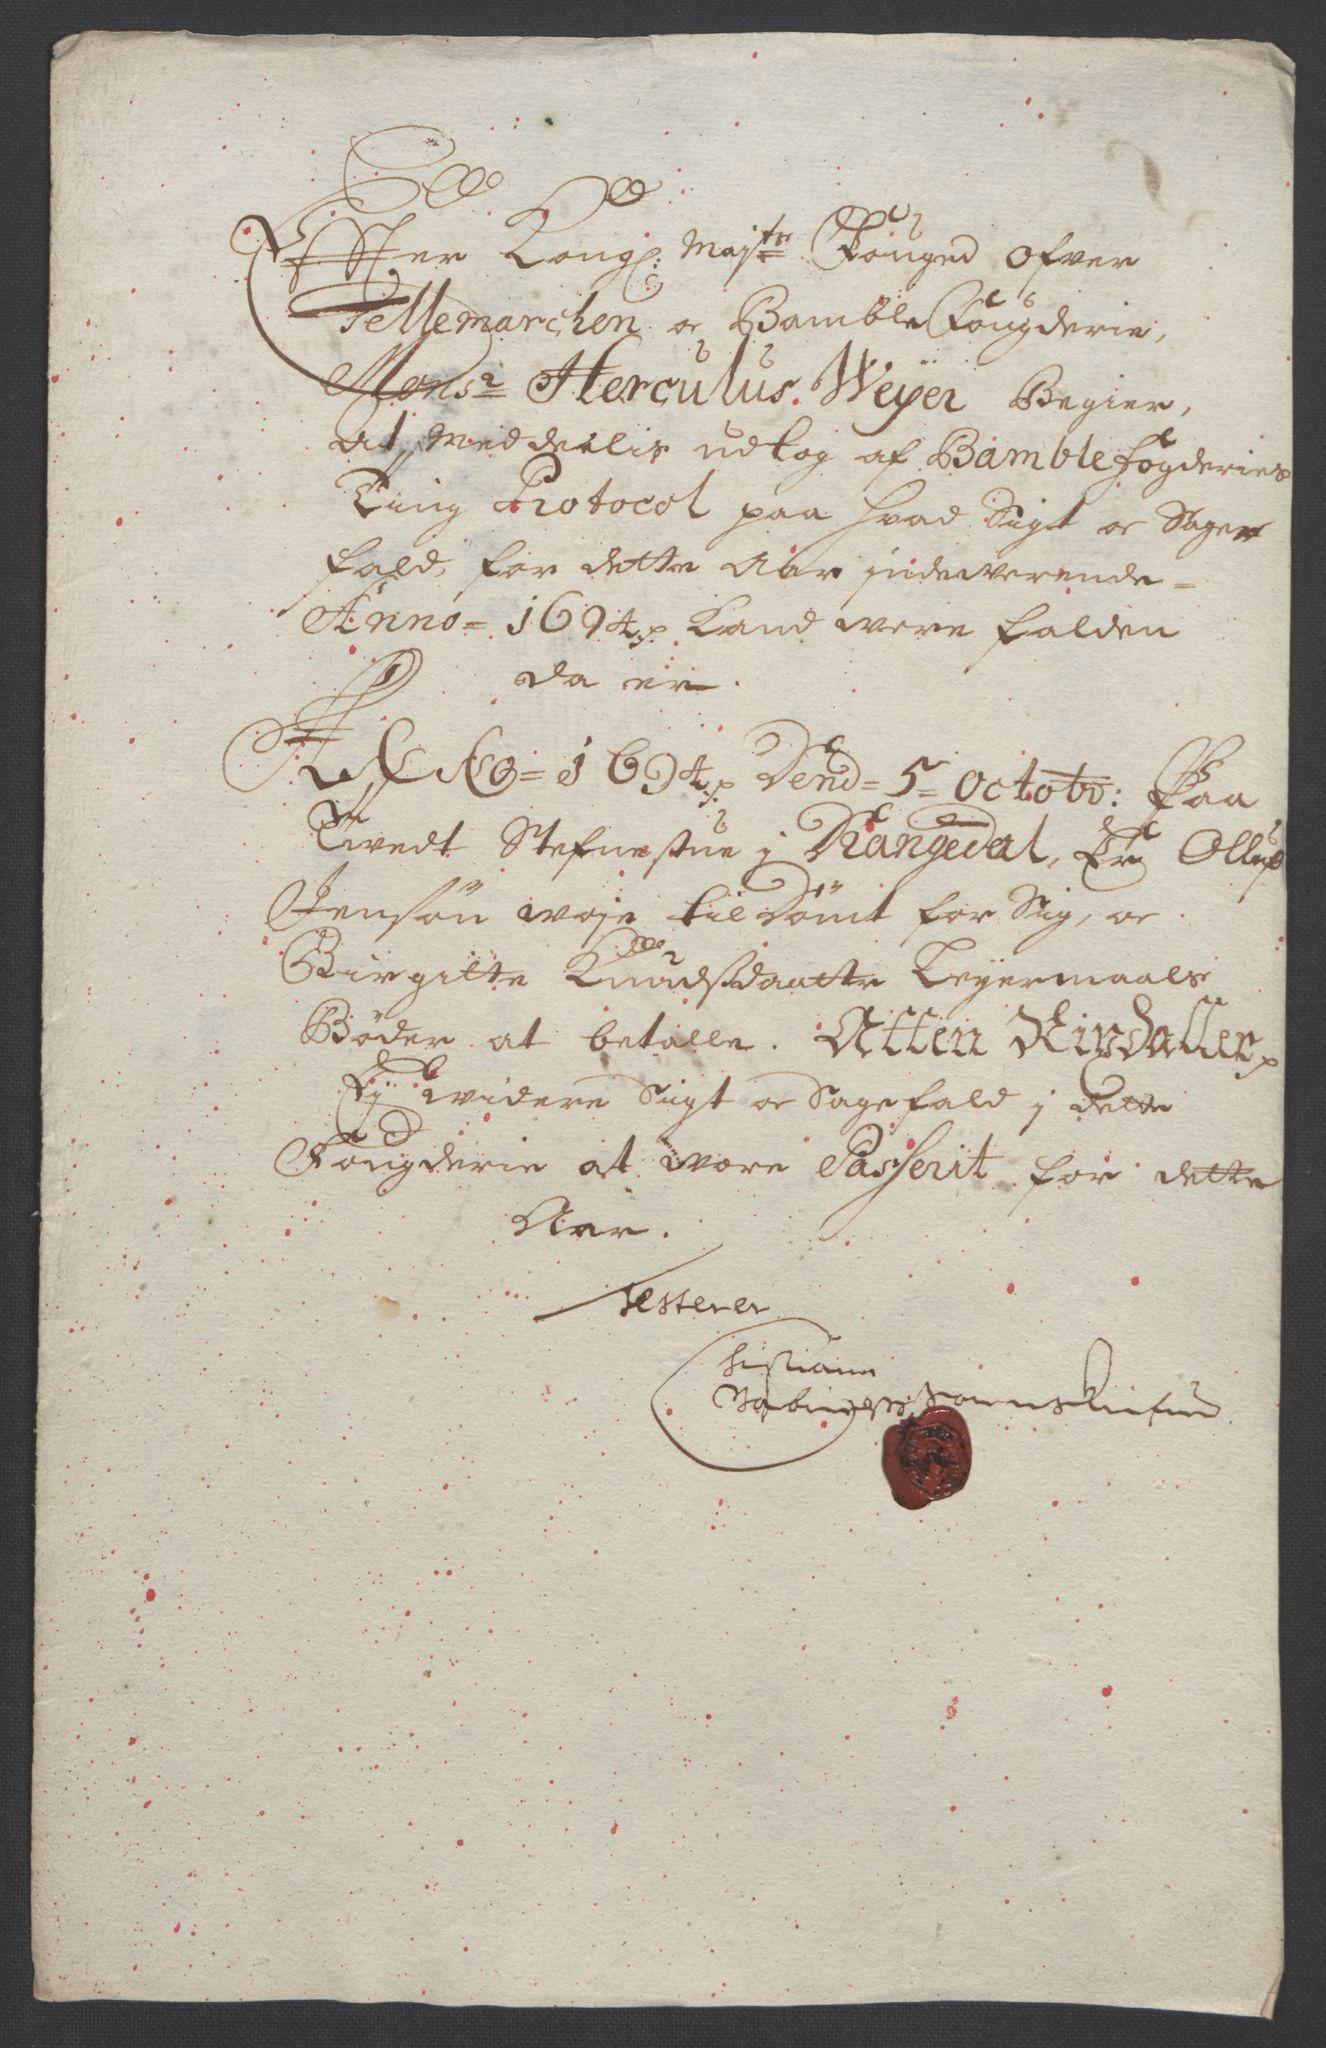 RA, Rentekammeret inntil 1814, Reviderte regnskaper, Fogderegnskap, R36/L2092: Fogderegnskap Øvre og Nedre Telemark og Bamble, 1694, s. 185